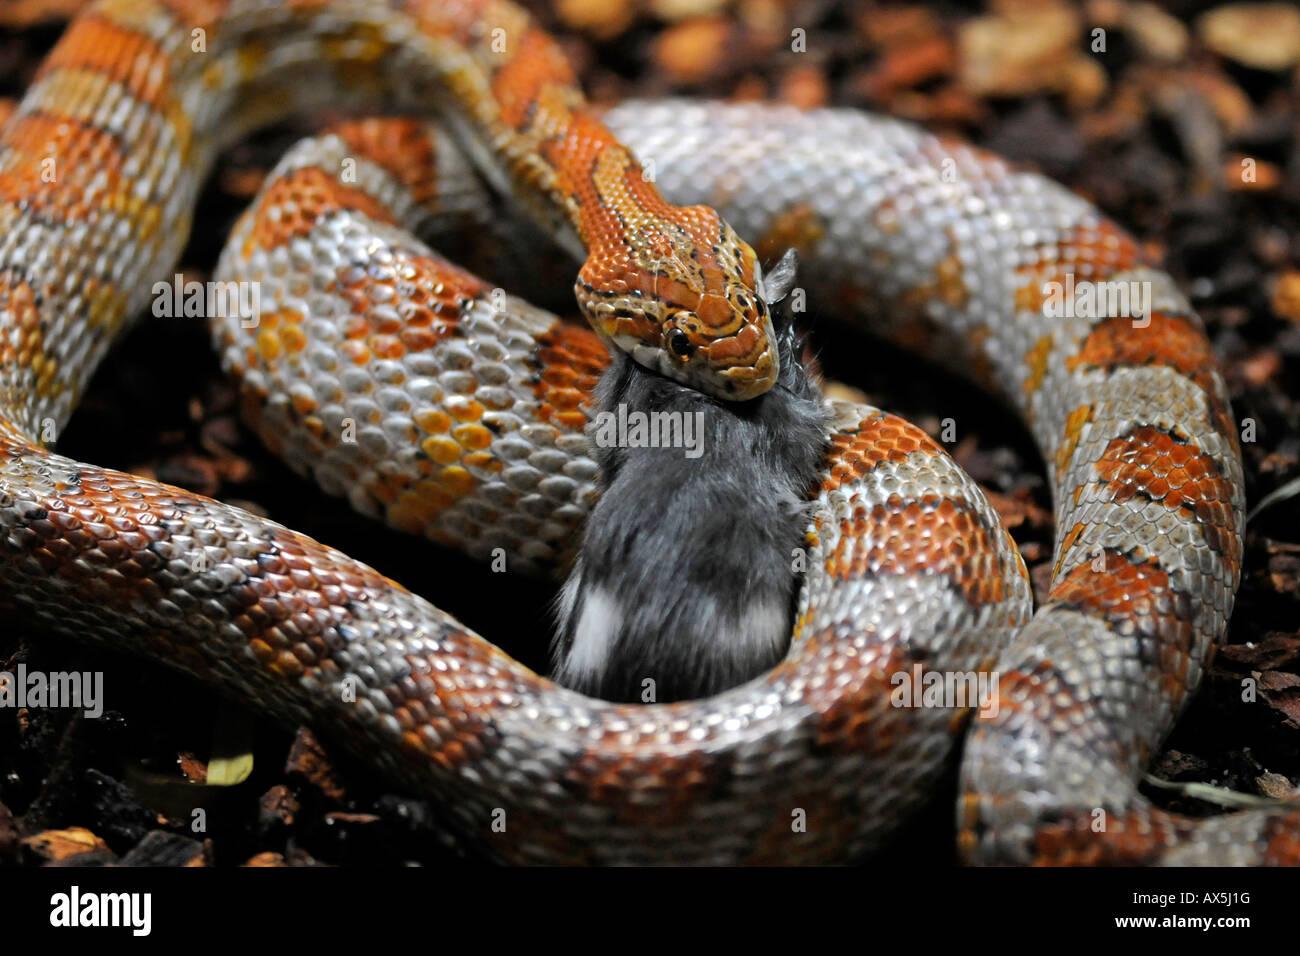 Il mais serpente o rosso serpente di ratto (Pantherophis guttatus) mangiando un mouse Immagini Stock